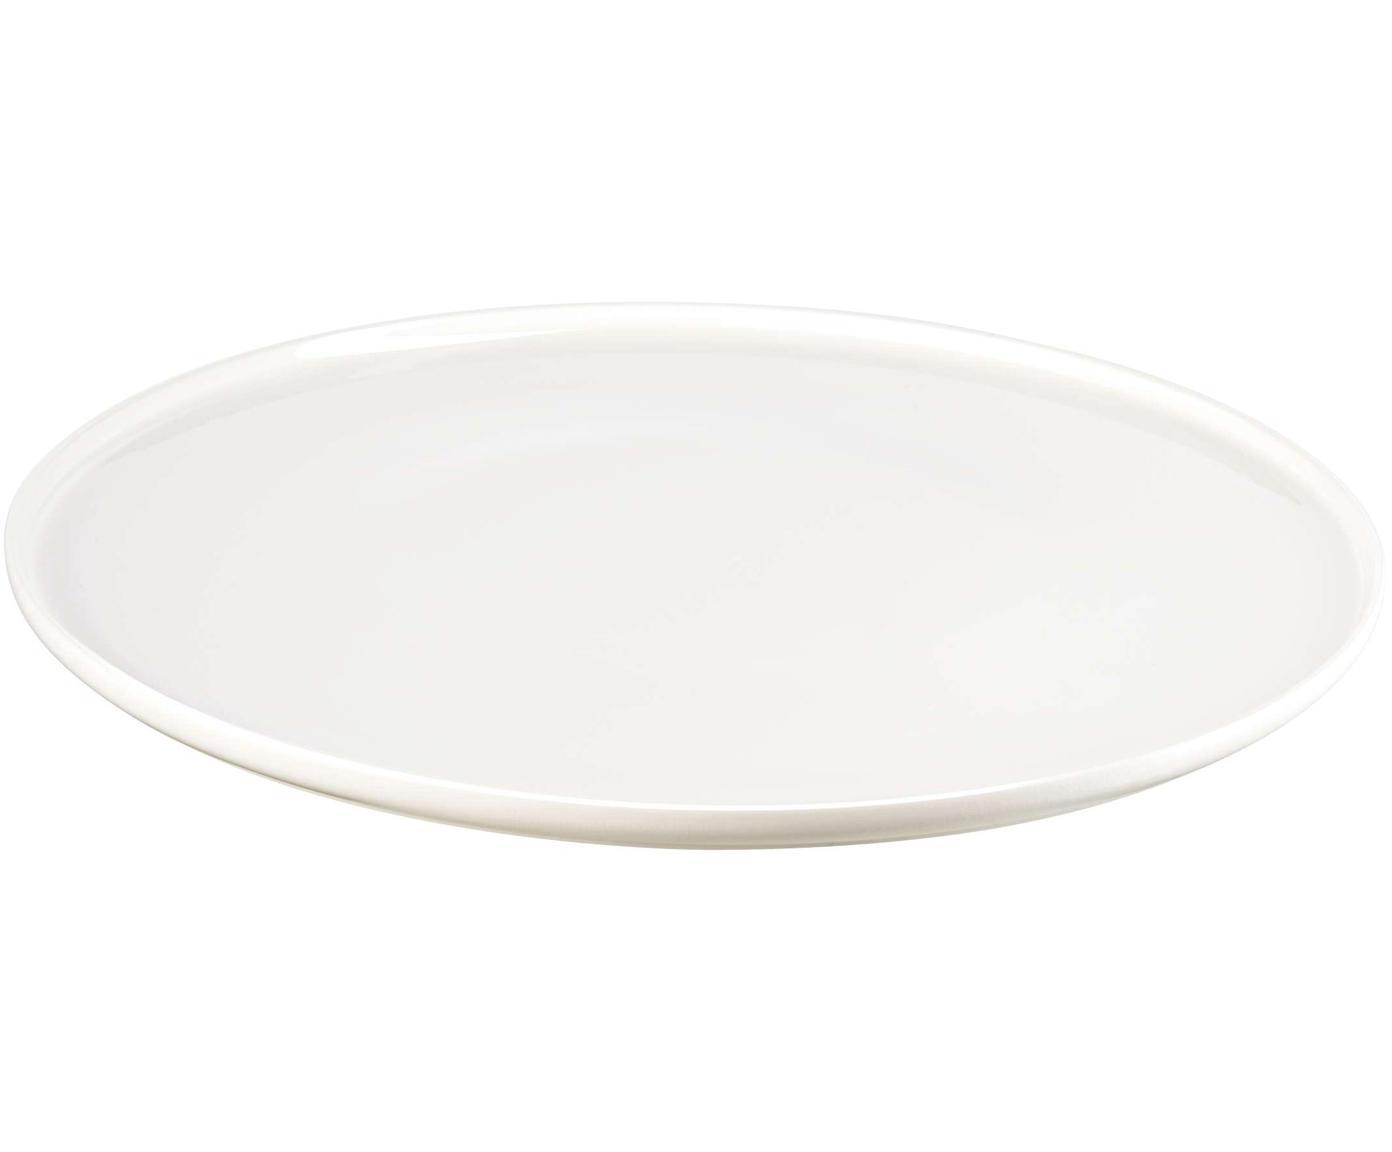 Piatto piano Oco 6 pz, Porcellana Fine Bone China, Bianco, Ø 27 cm